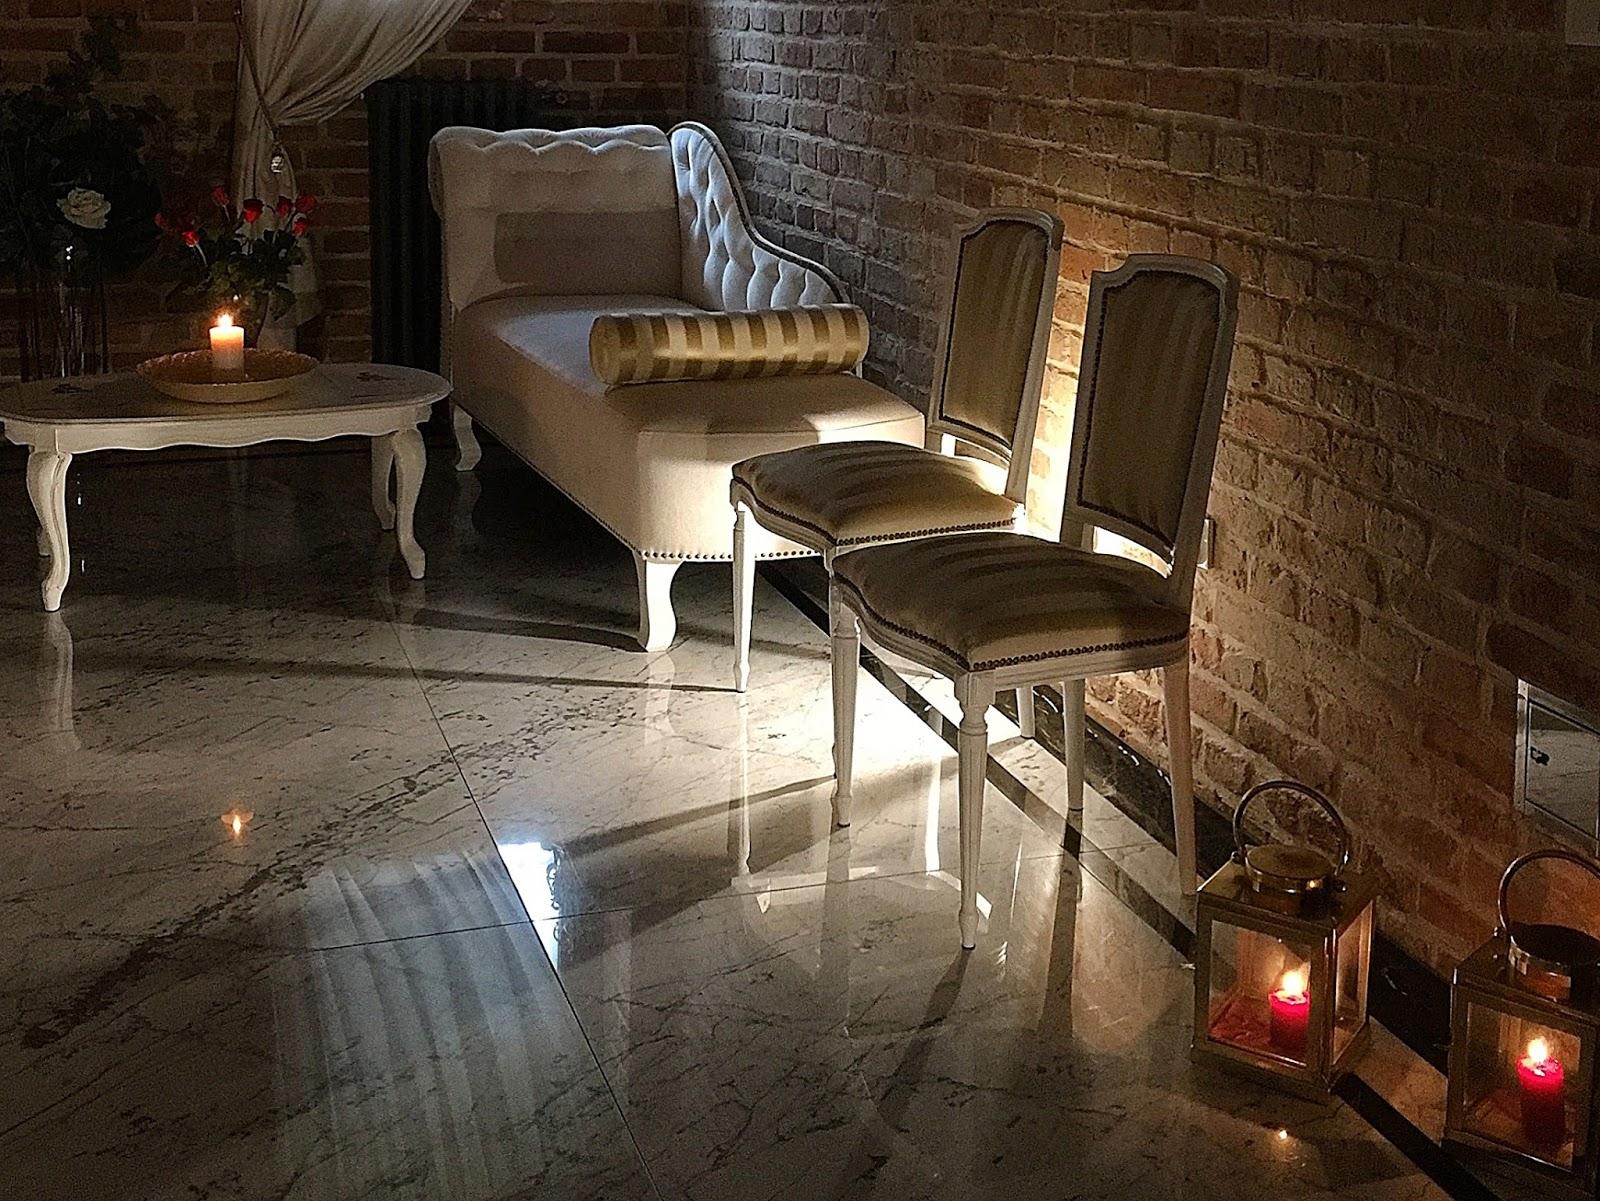 PAŁAC MORTĘGI HOTEL & SPA CZYLI POMYSŁ NA WEEKEND W WARMIŃSKO - MAZURSKIM